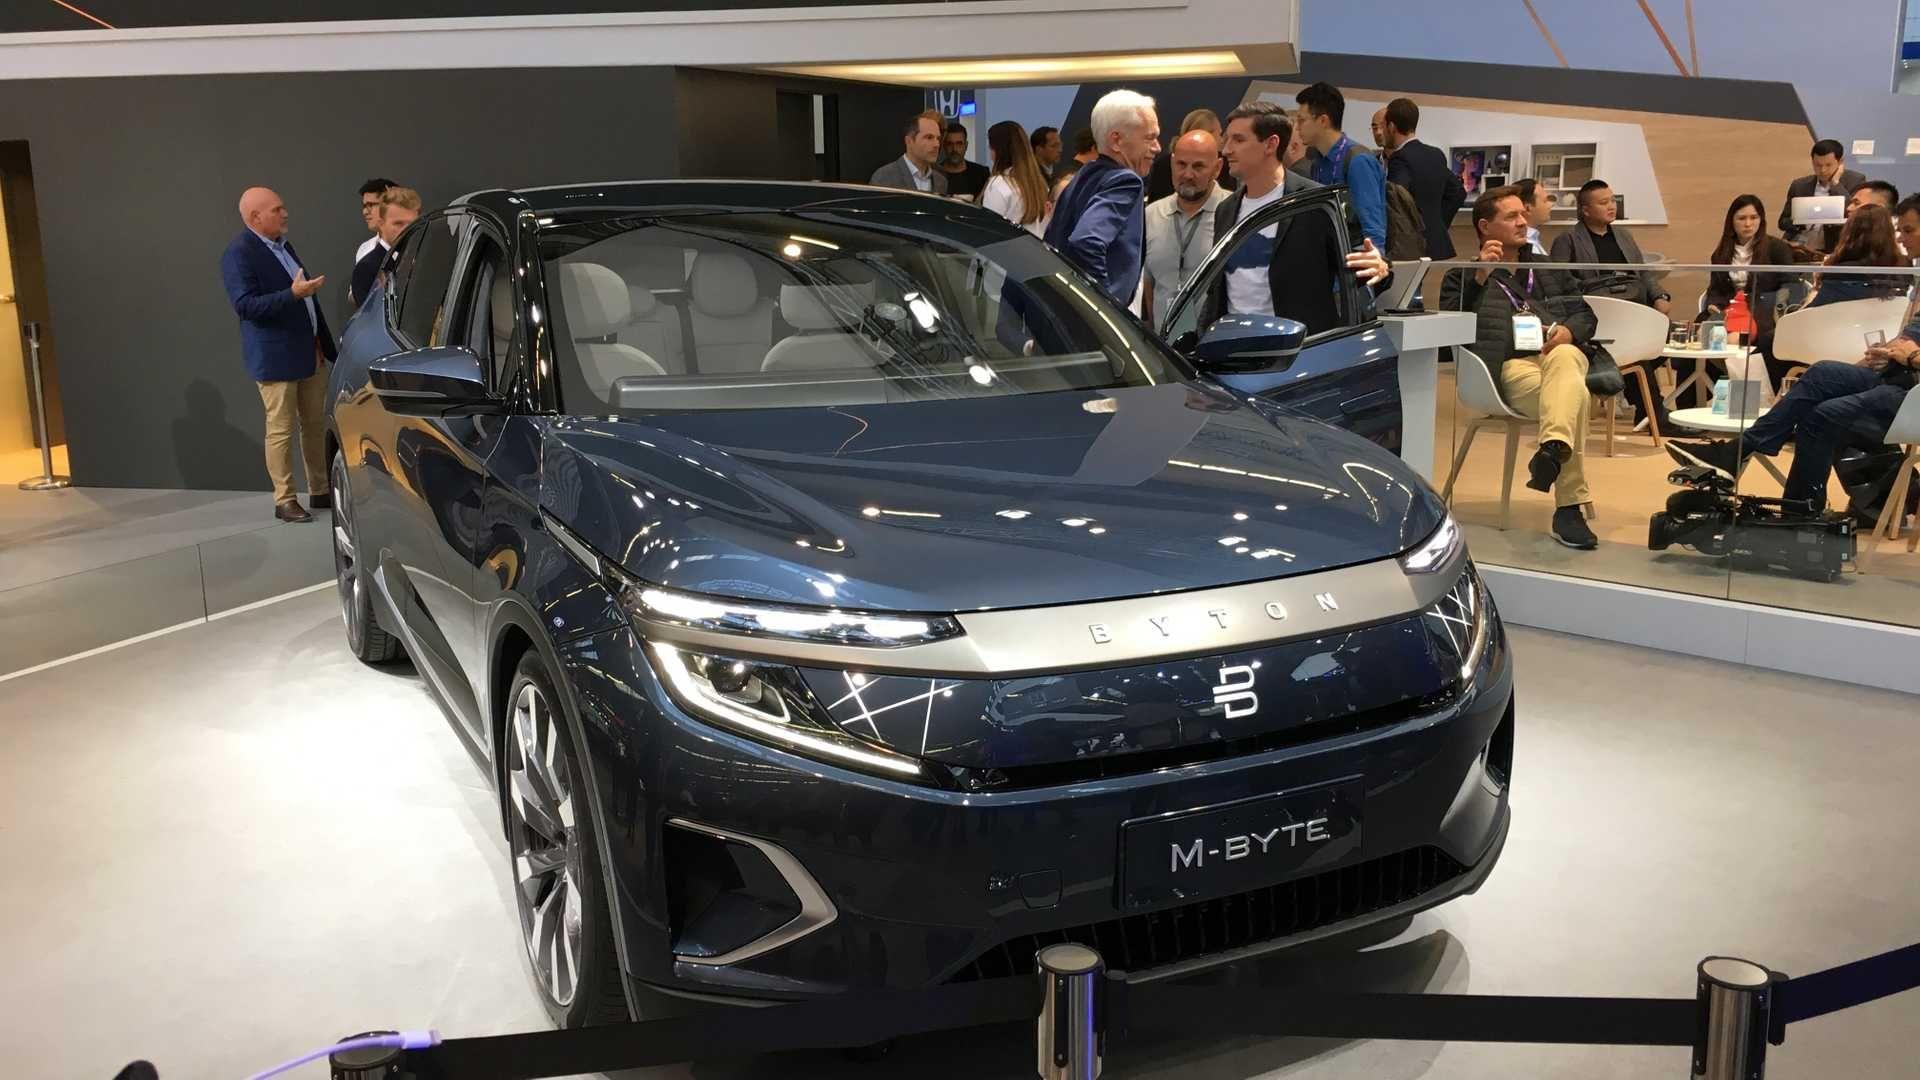 Не-кросовер на емоціях: марка Byton представила серійний електрокар M-Byte